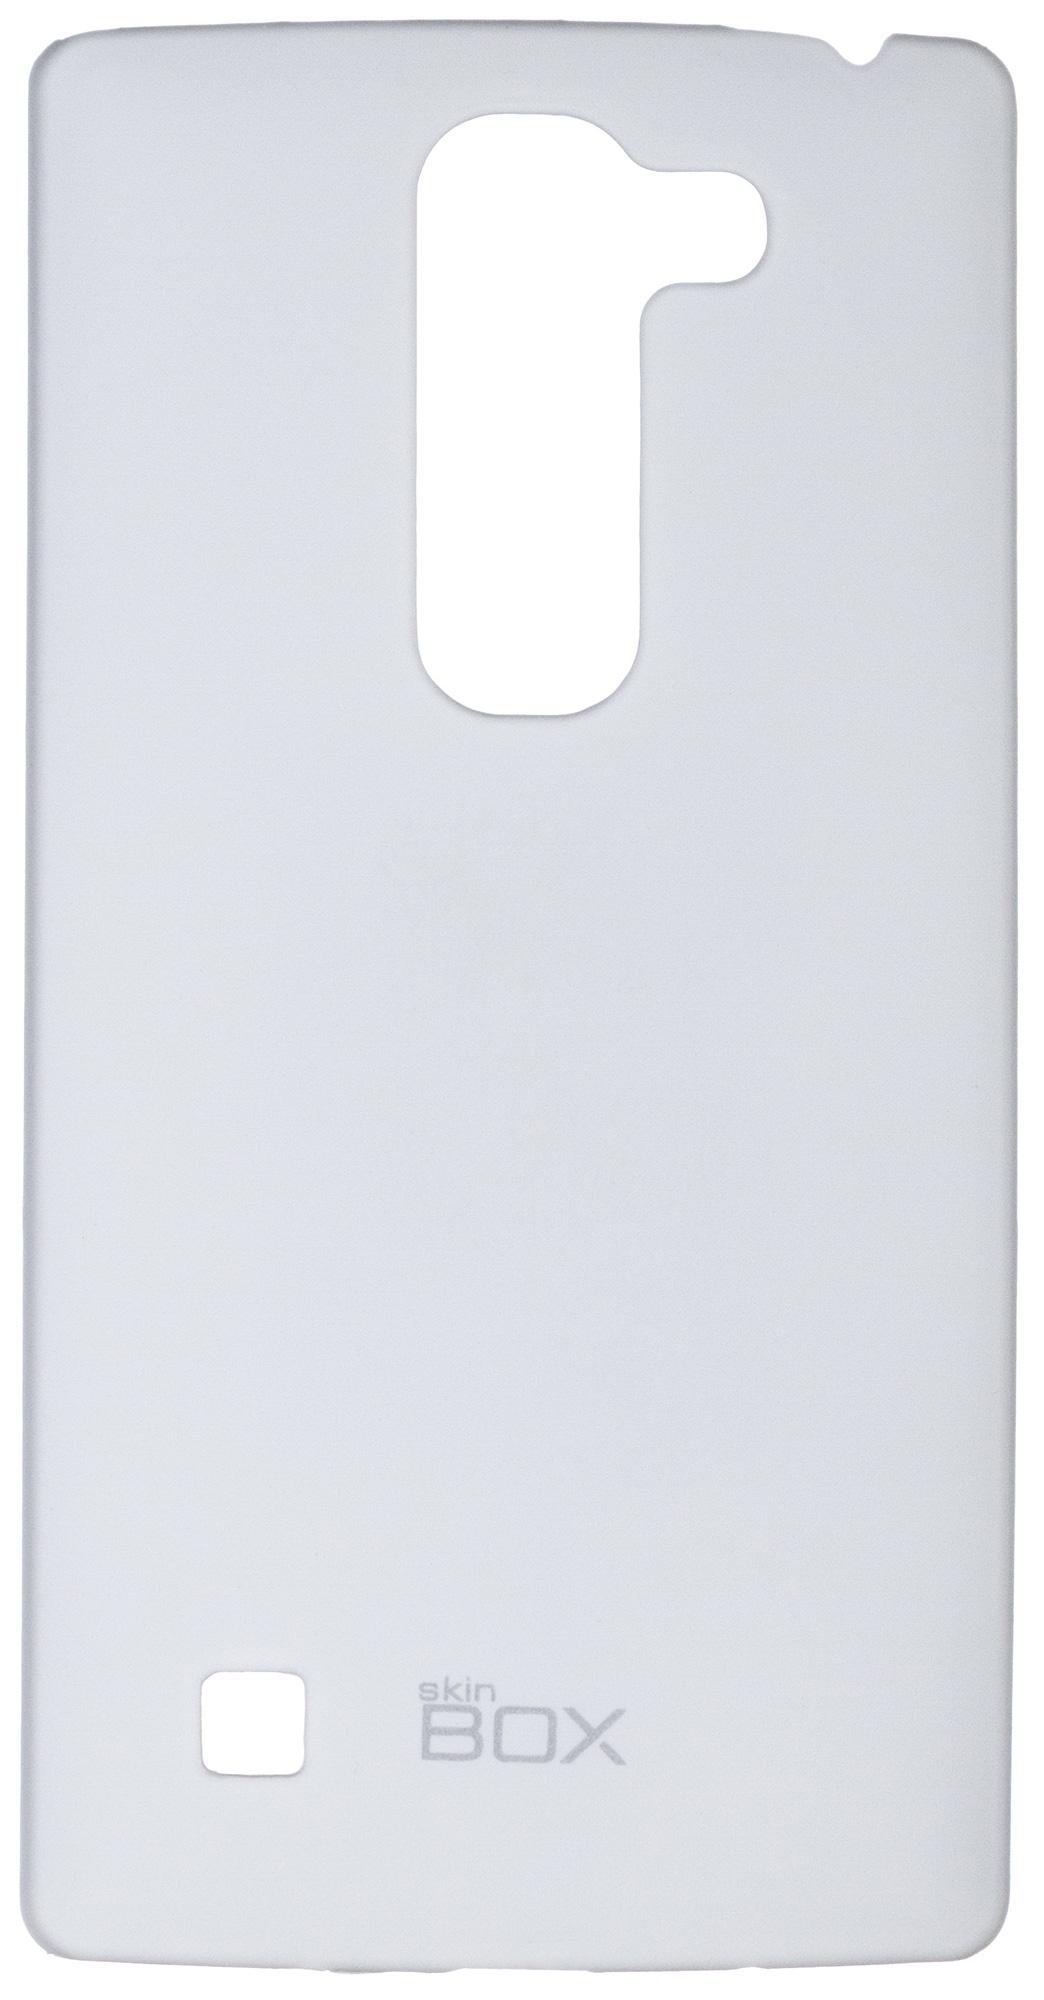 Чехол для сотового телефона skinBOX 4People, 4660041406818, белый стоимость